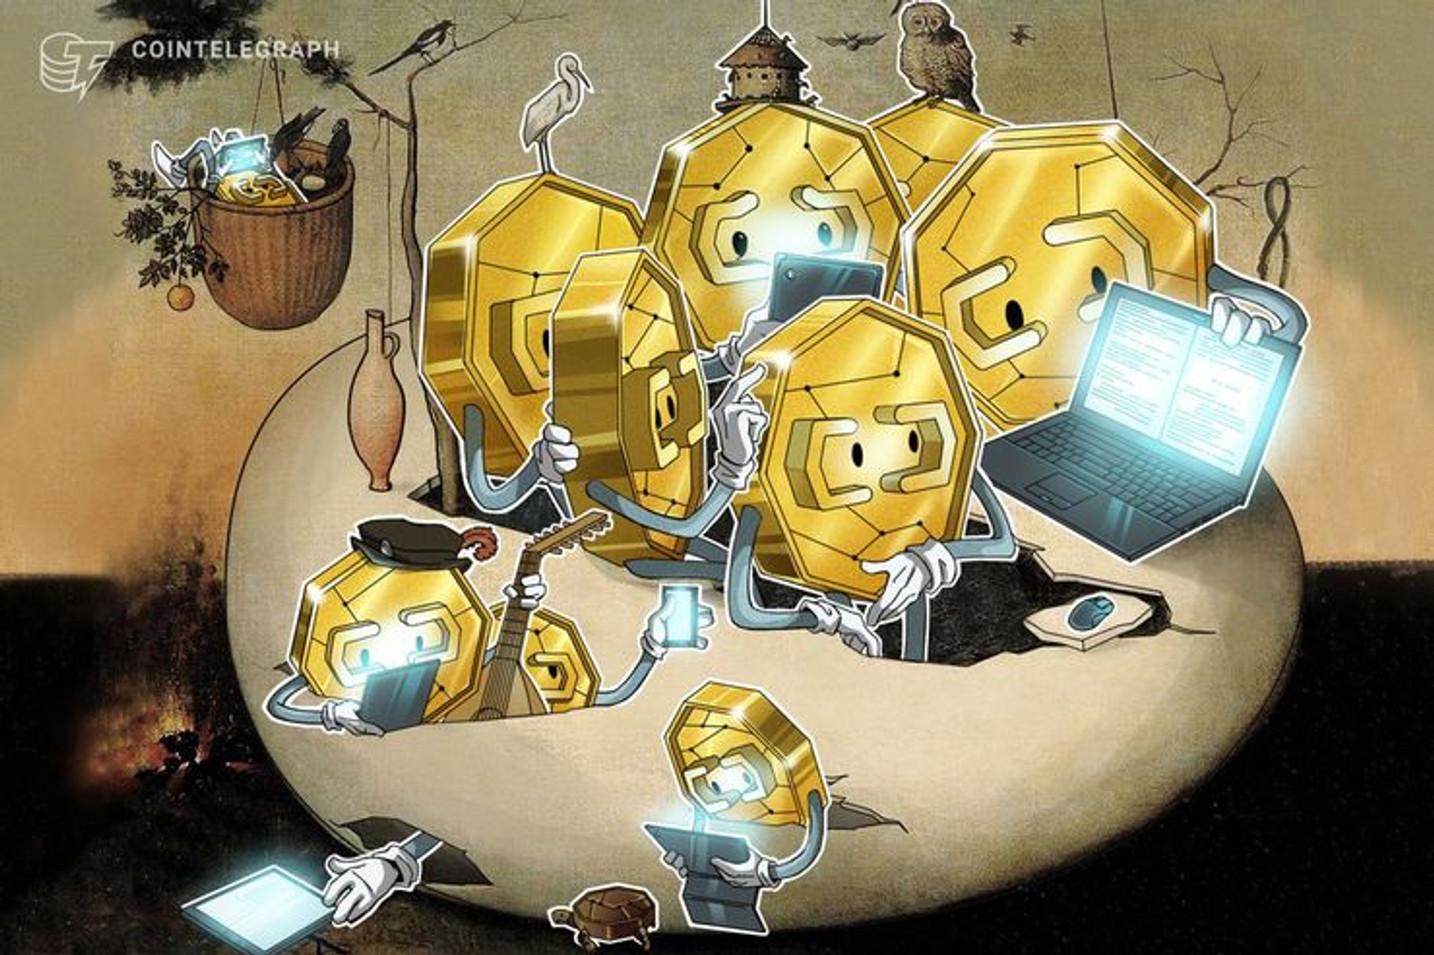 仮想通貨取引所フォビ、二日間で約140億円分のテザー(USDT)を移動